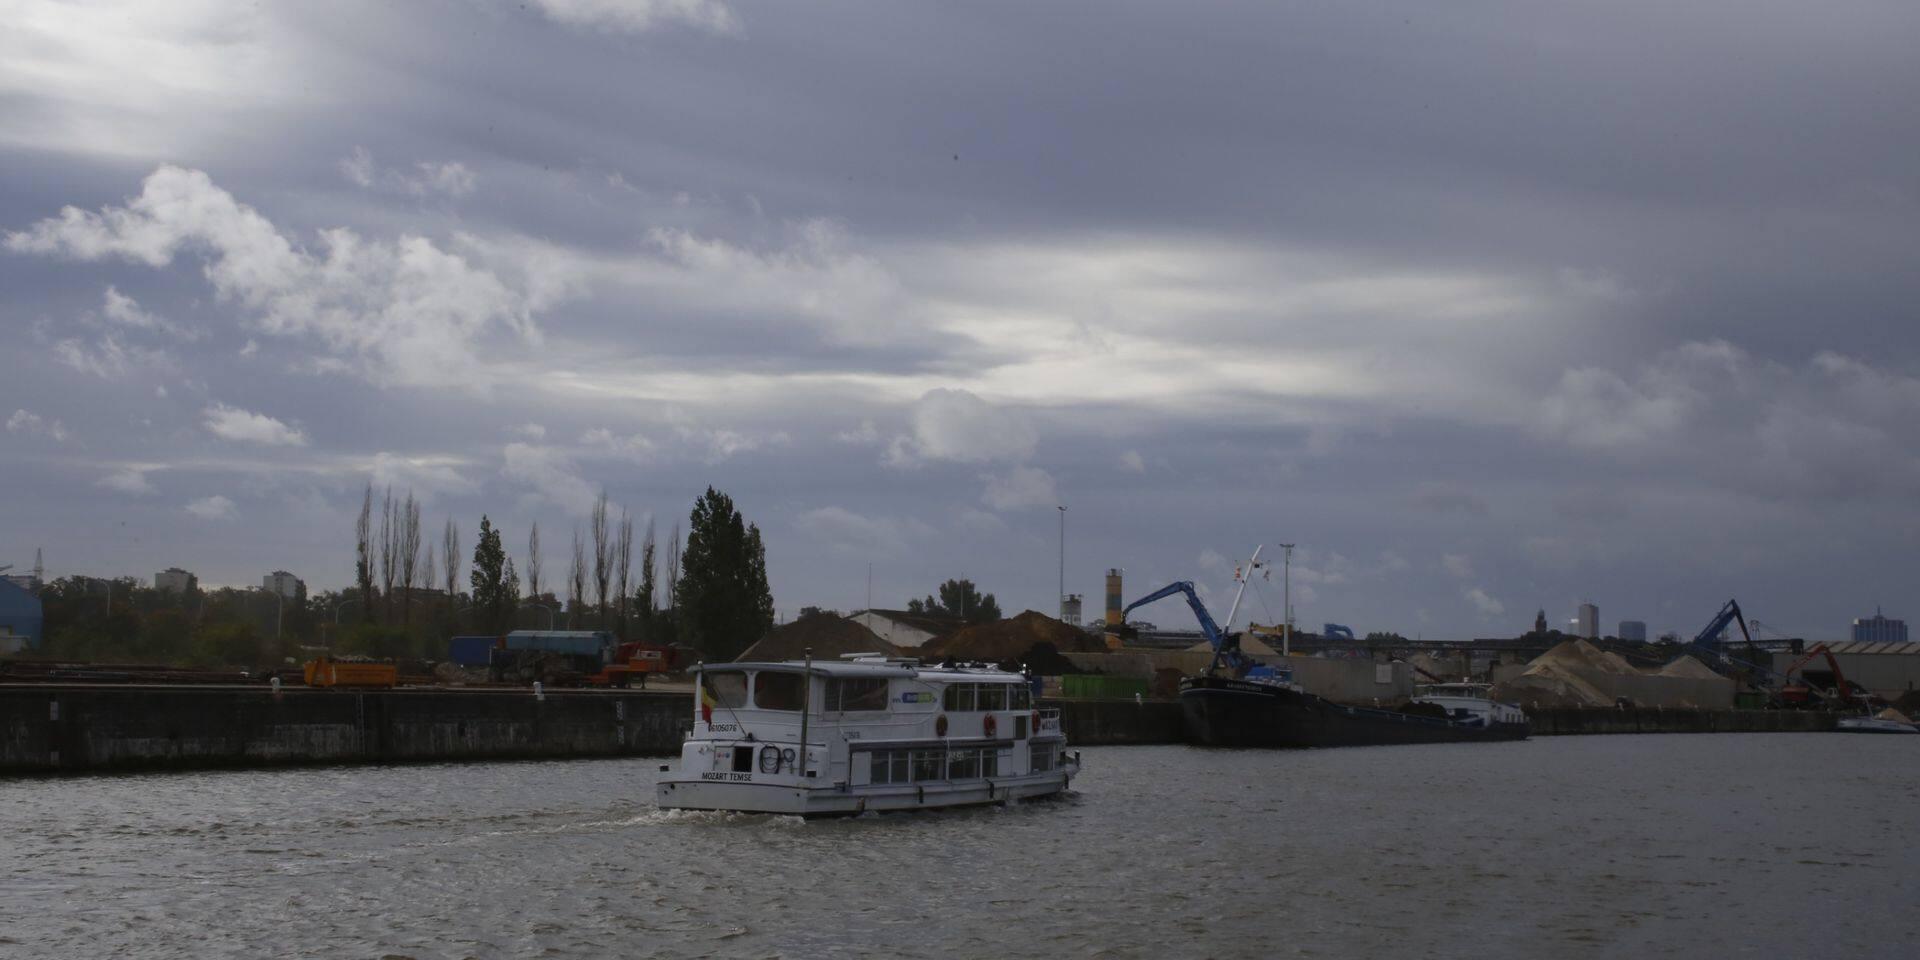 Réouverture de la Senne et aménagement de quais, Alain Maron cherche l'équilibre